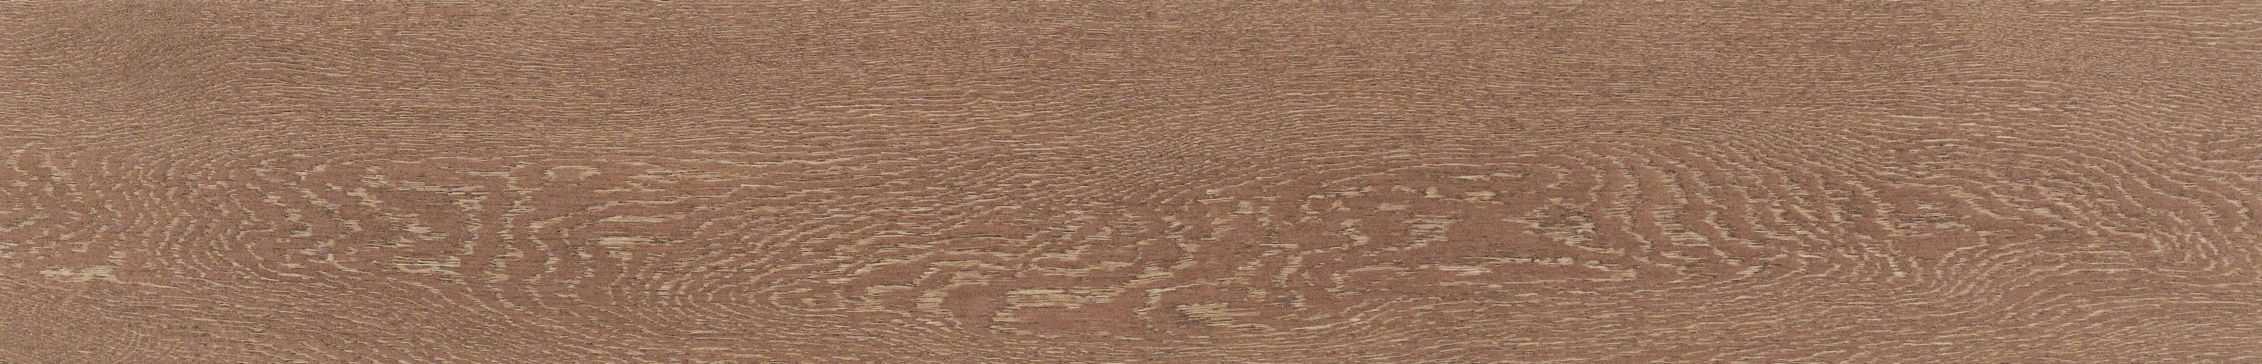 YGP90152D-Urban-Wood-Brown.jpg